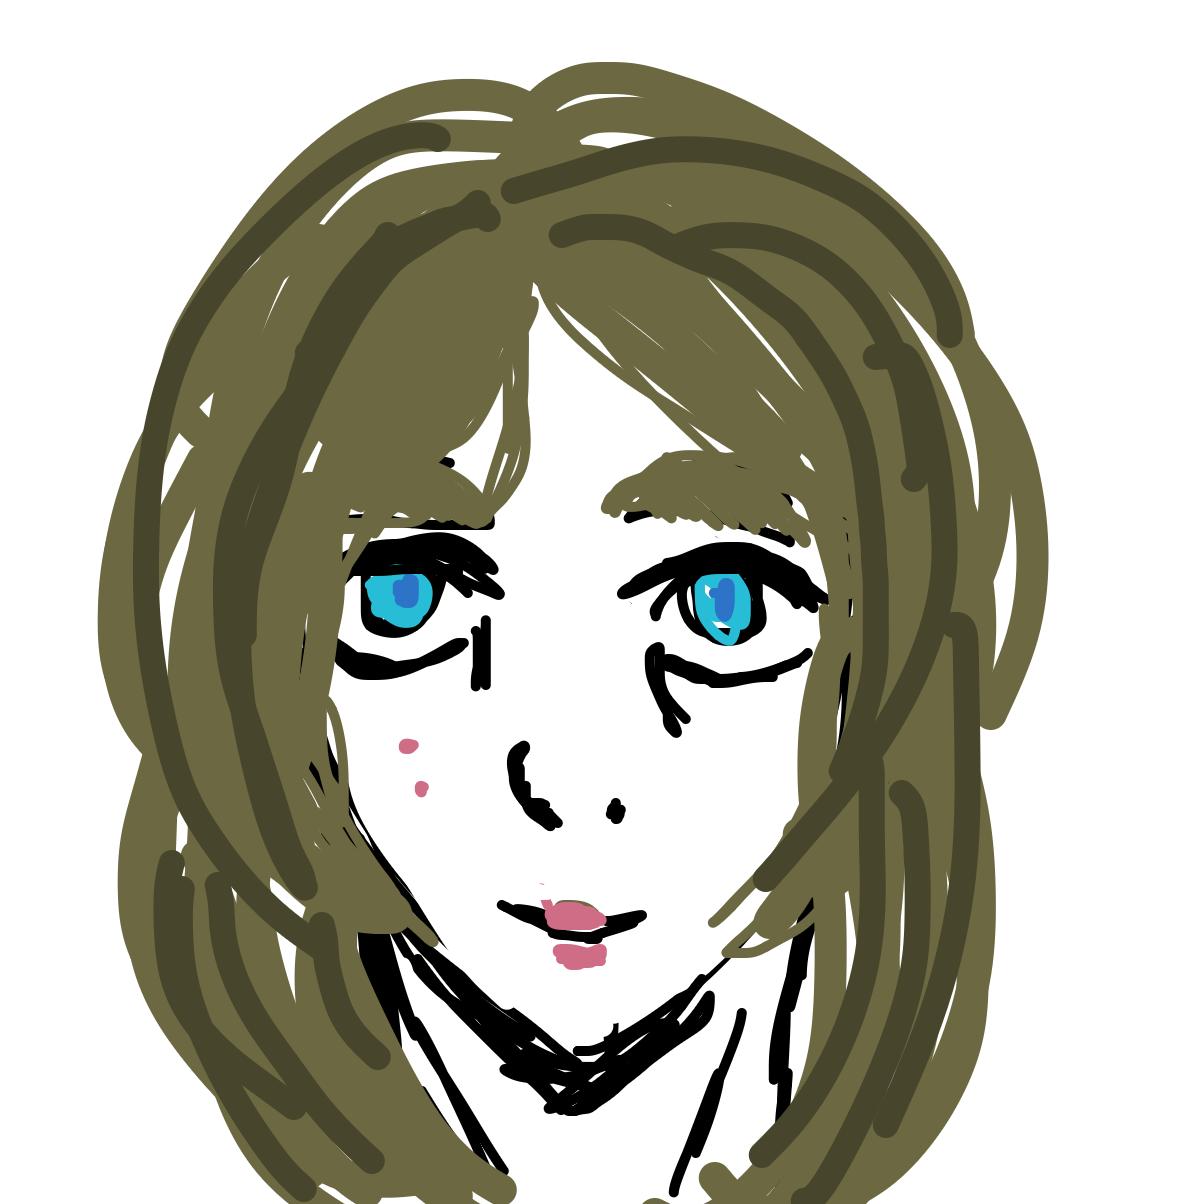 Profile picture for the comic artist, josie